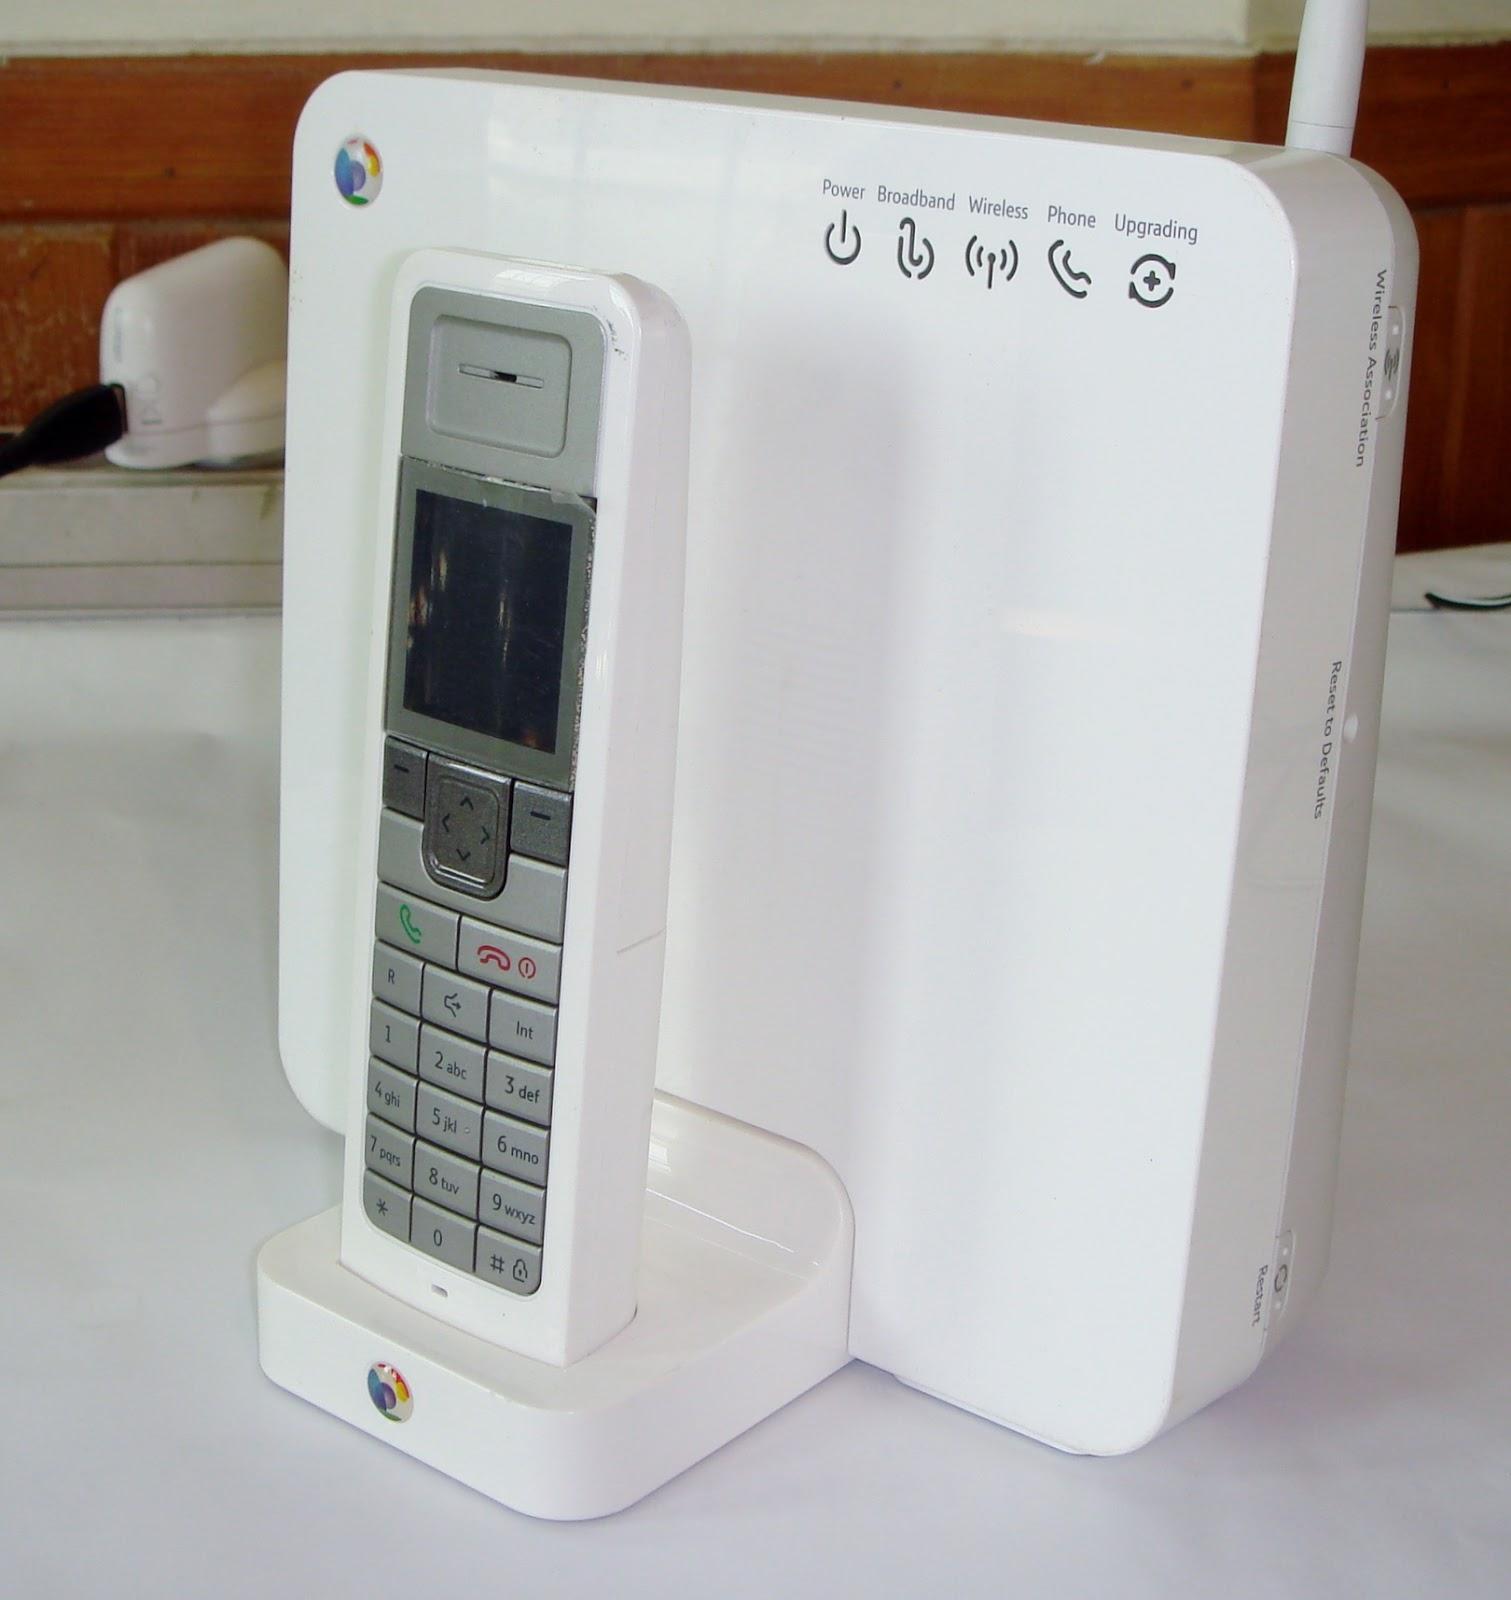 St585v6 firmware